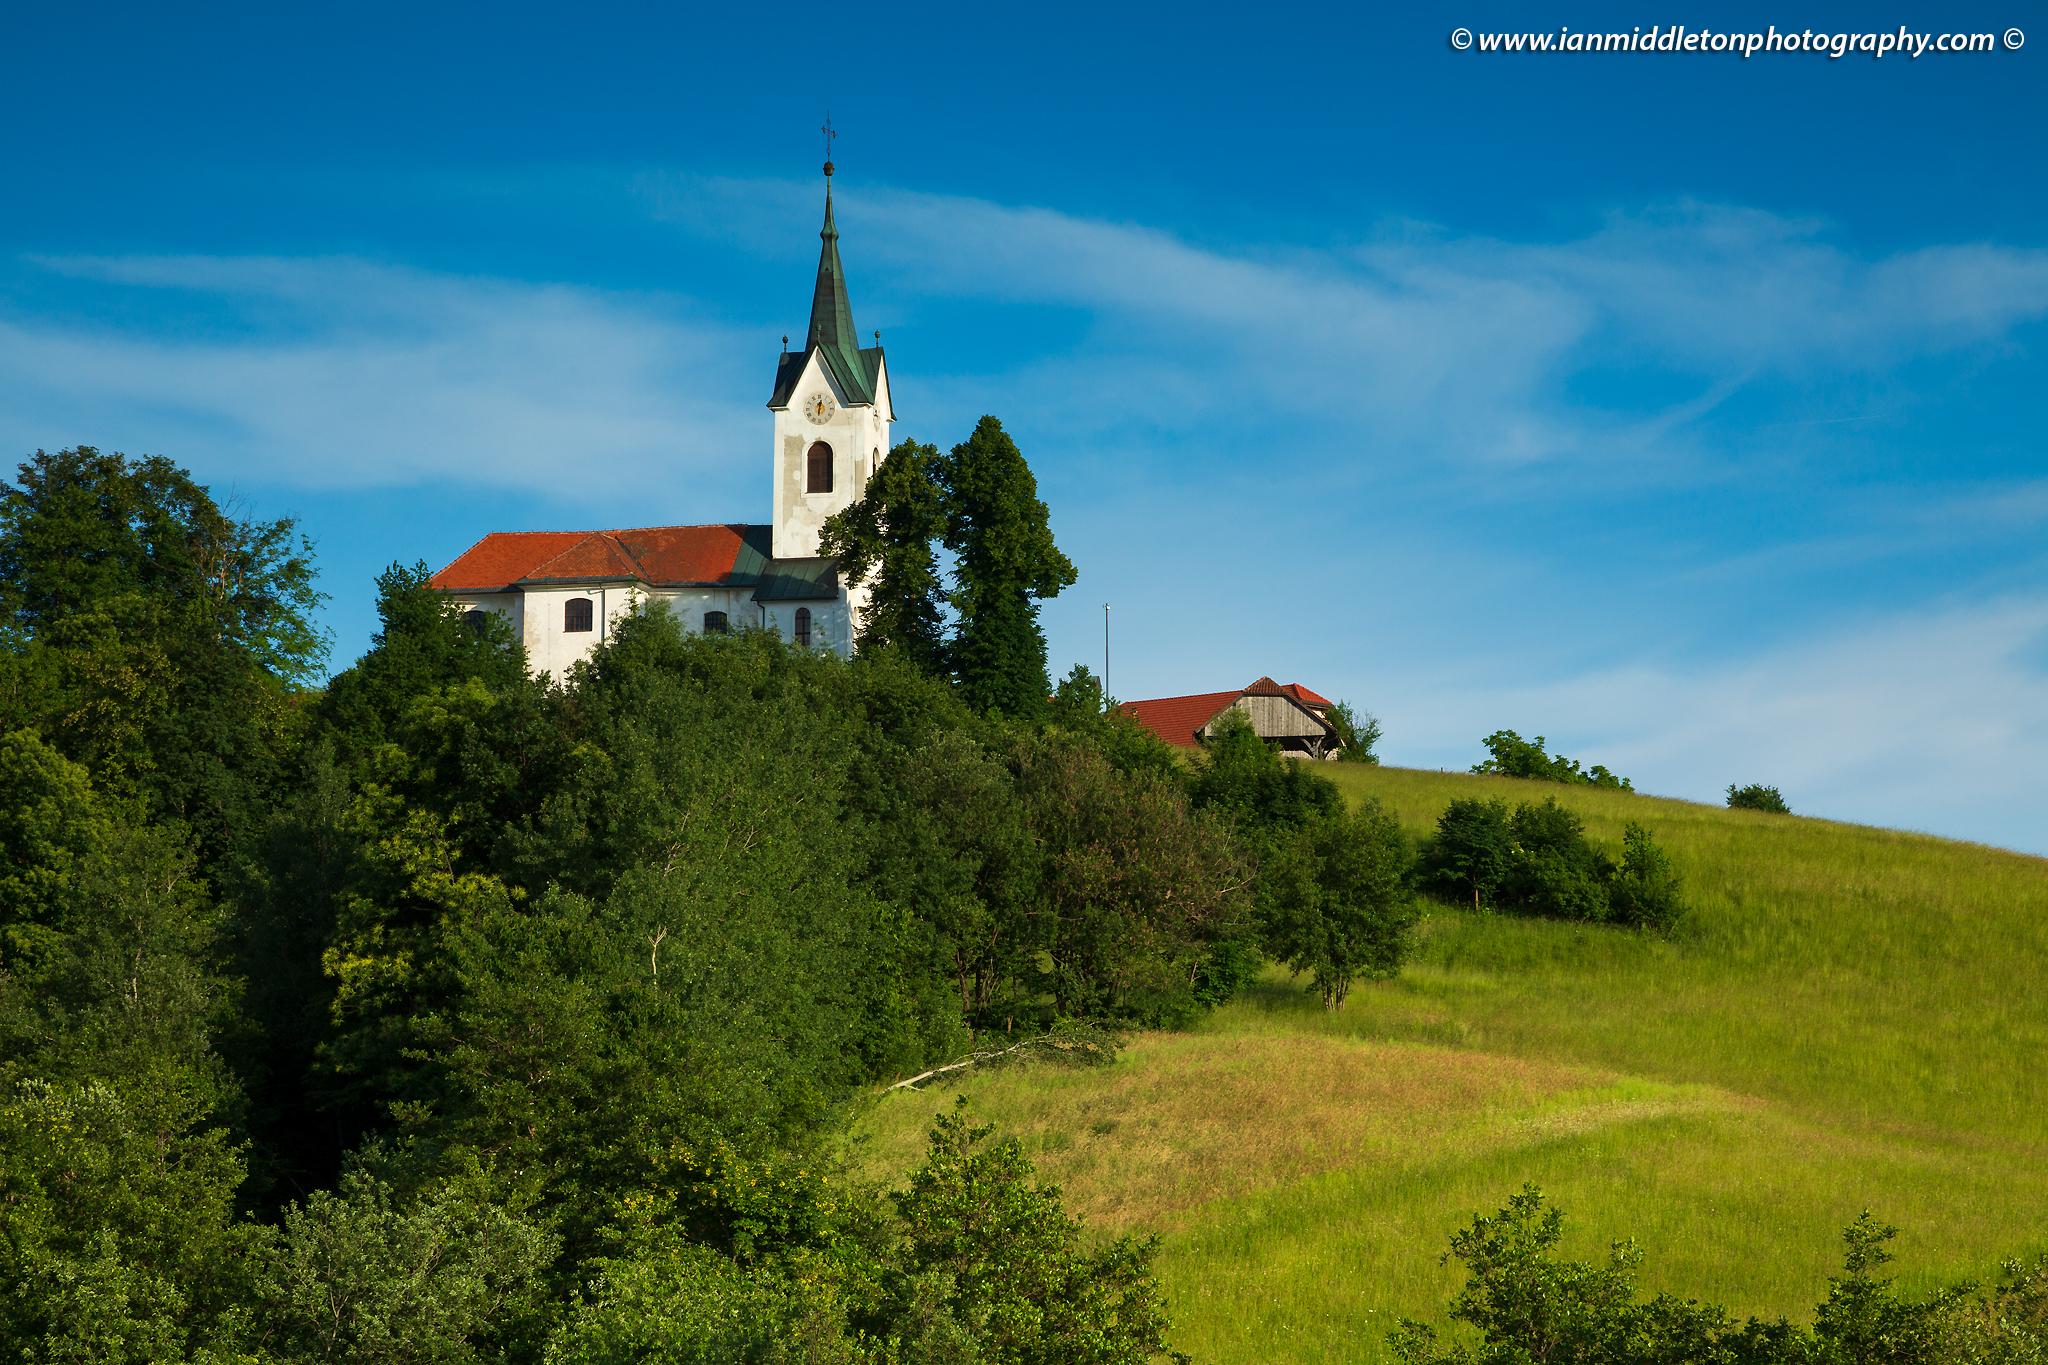 The church of Saint Marjeta in Prezganje in the Jance hills to the east of Ljubljana, Slovenia